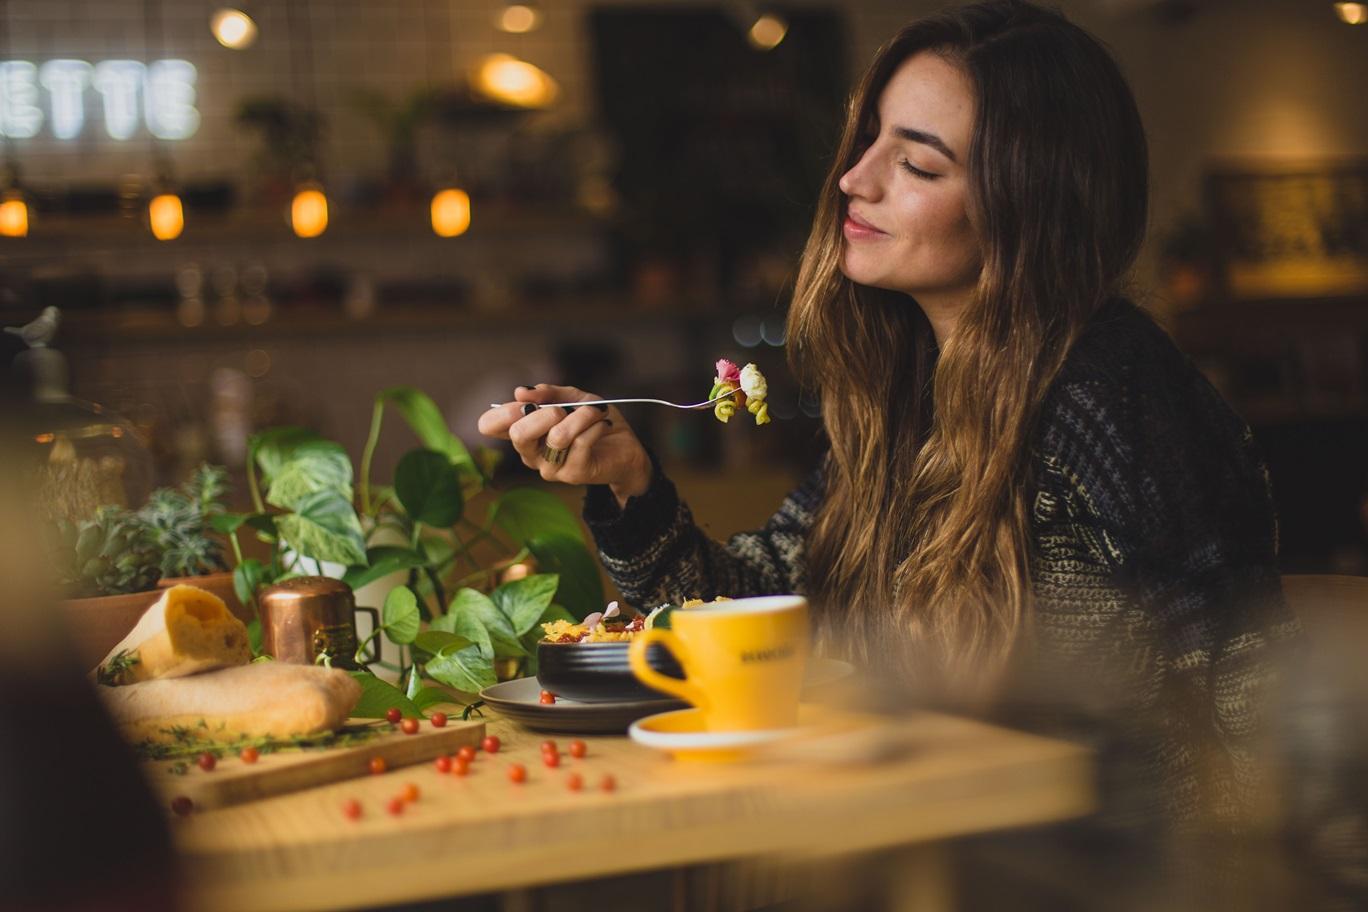 gastronomia consciente by manuel alonso